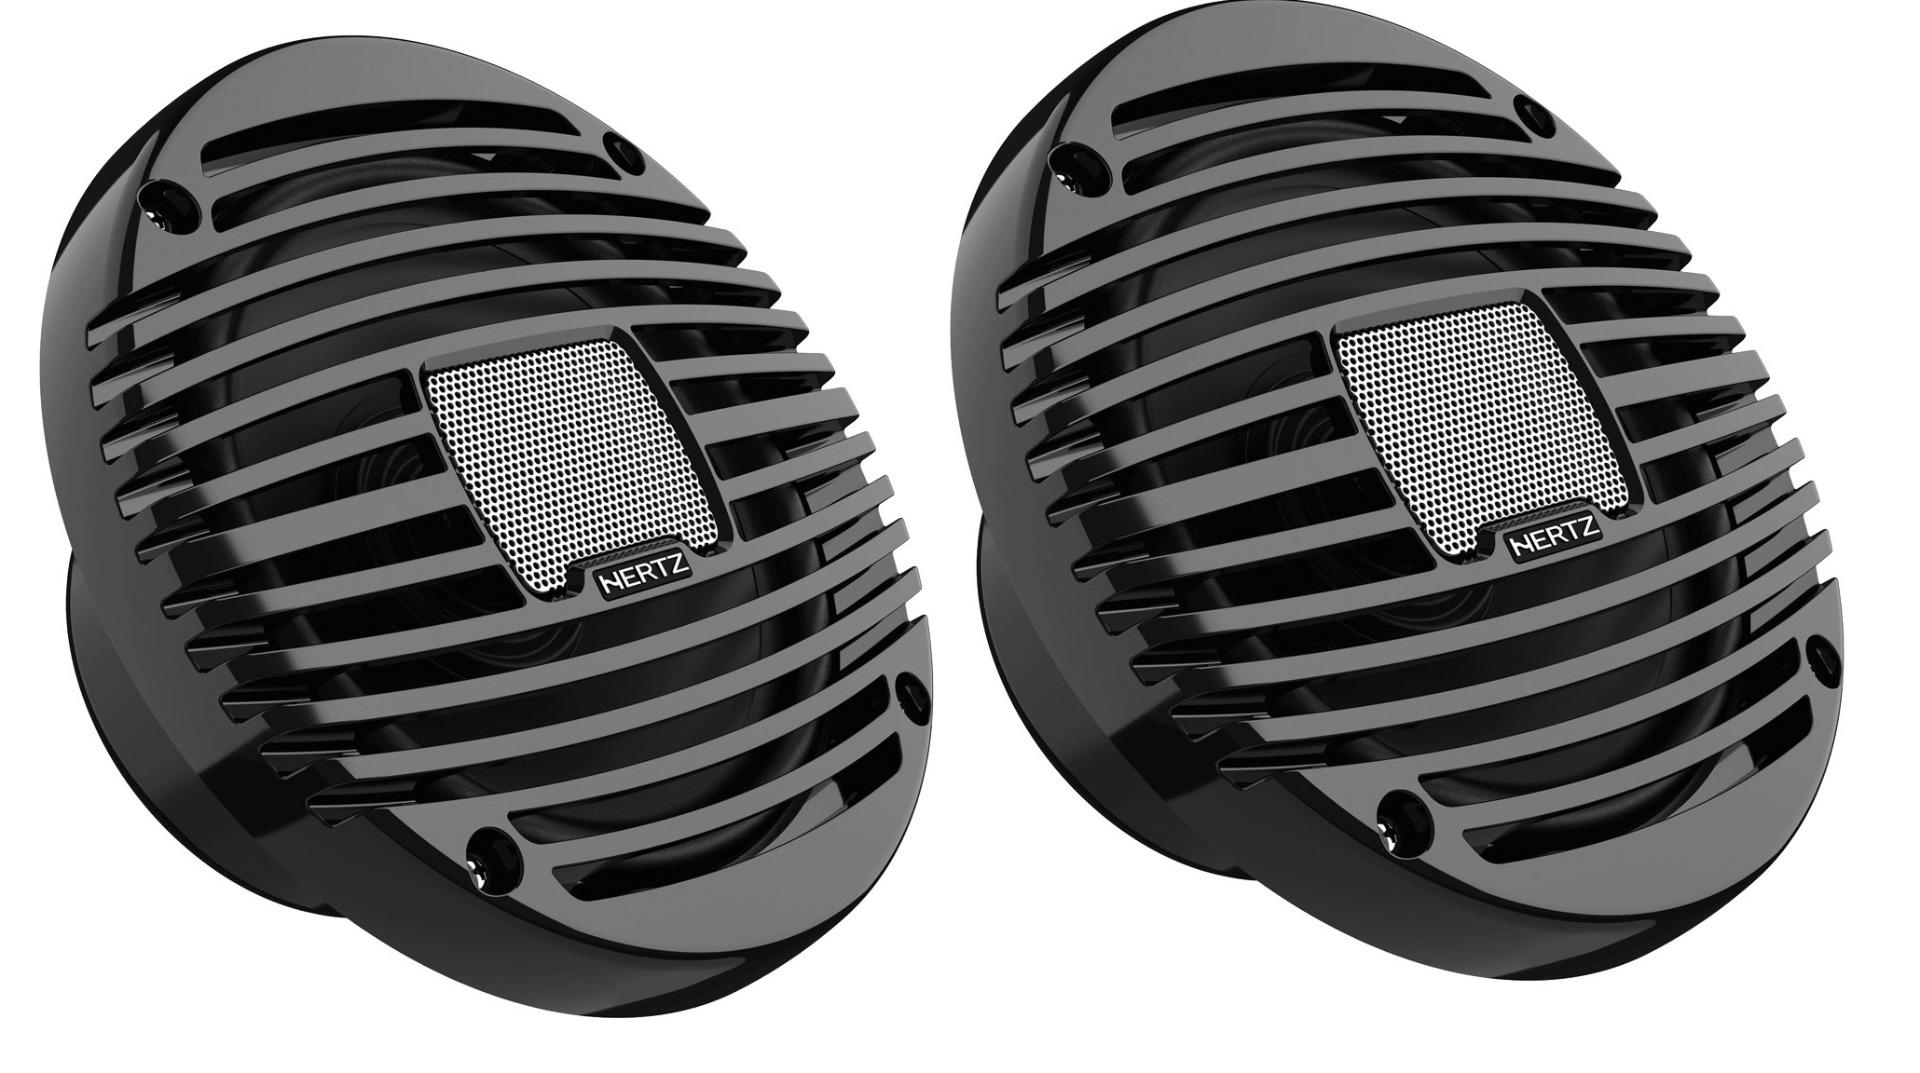 """Hertz HEX 6.5 M-C MARINE 6.5"""" COAX SET- CHARCOAL Marine/ Outdoor Lautsprecher 1 Paar 16,5cm"""